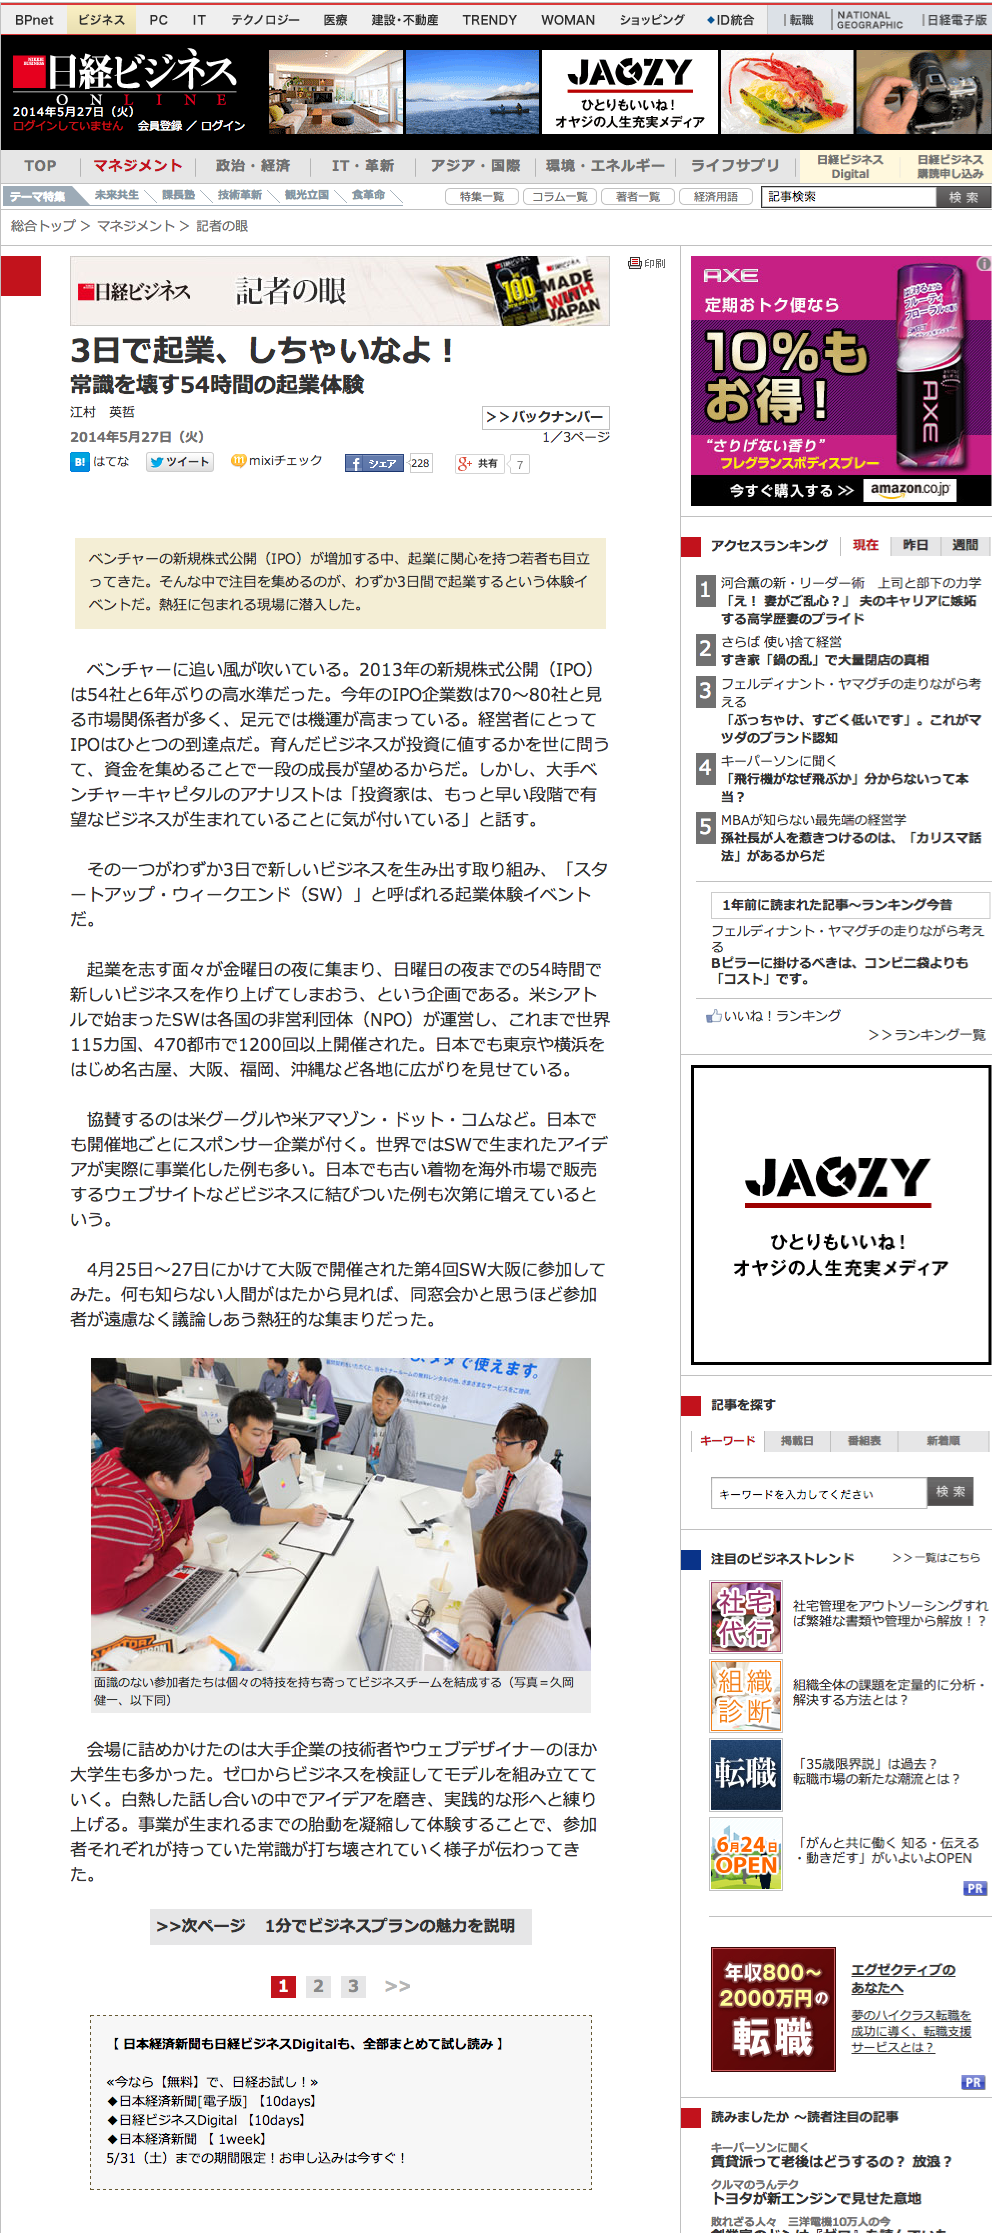 3日で起業、しちゃいなよ!:日経ビジネスオンライン (1)